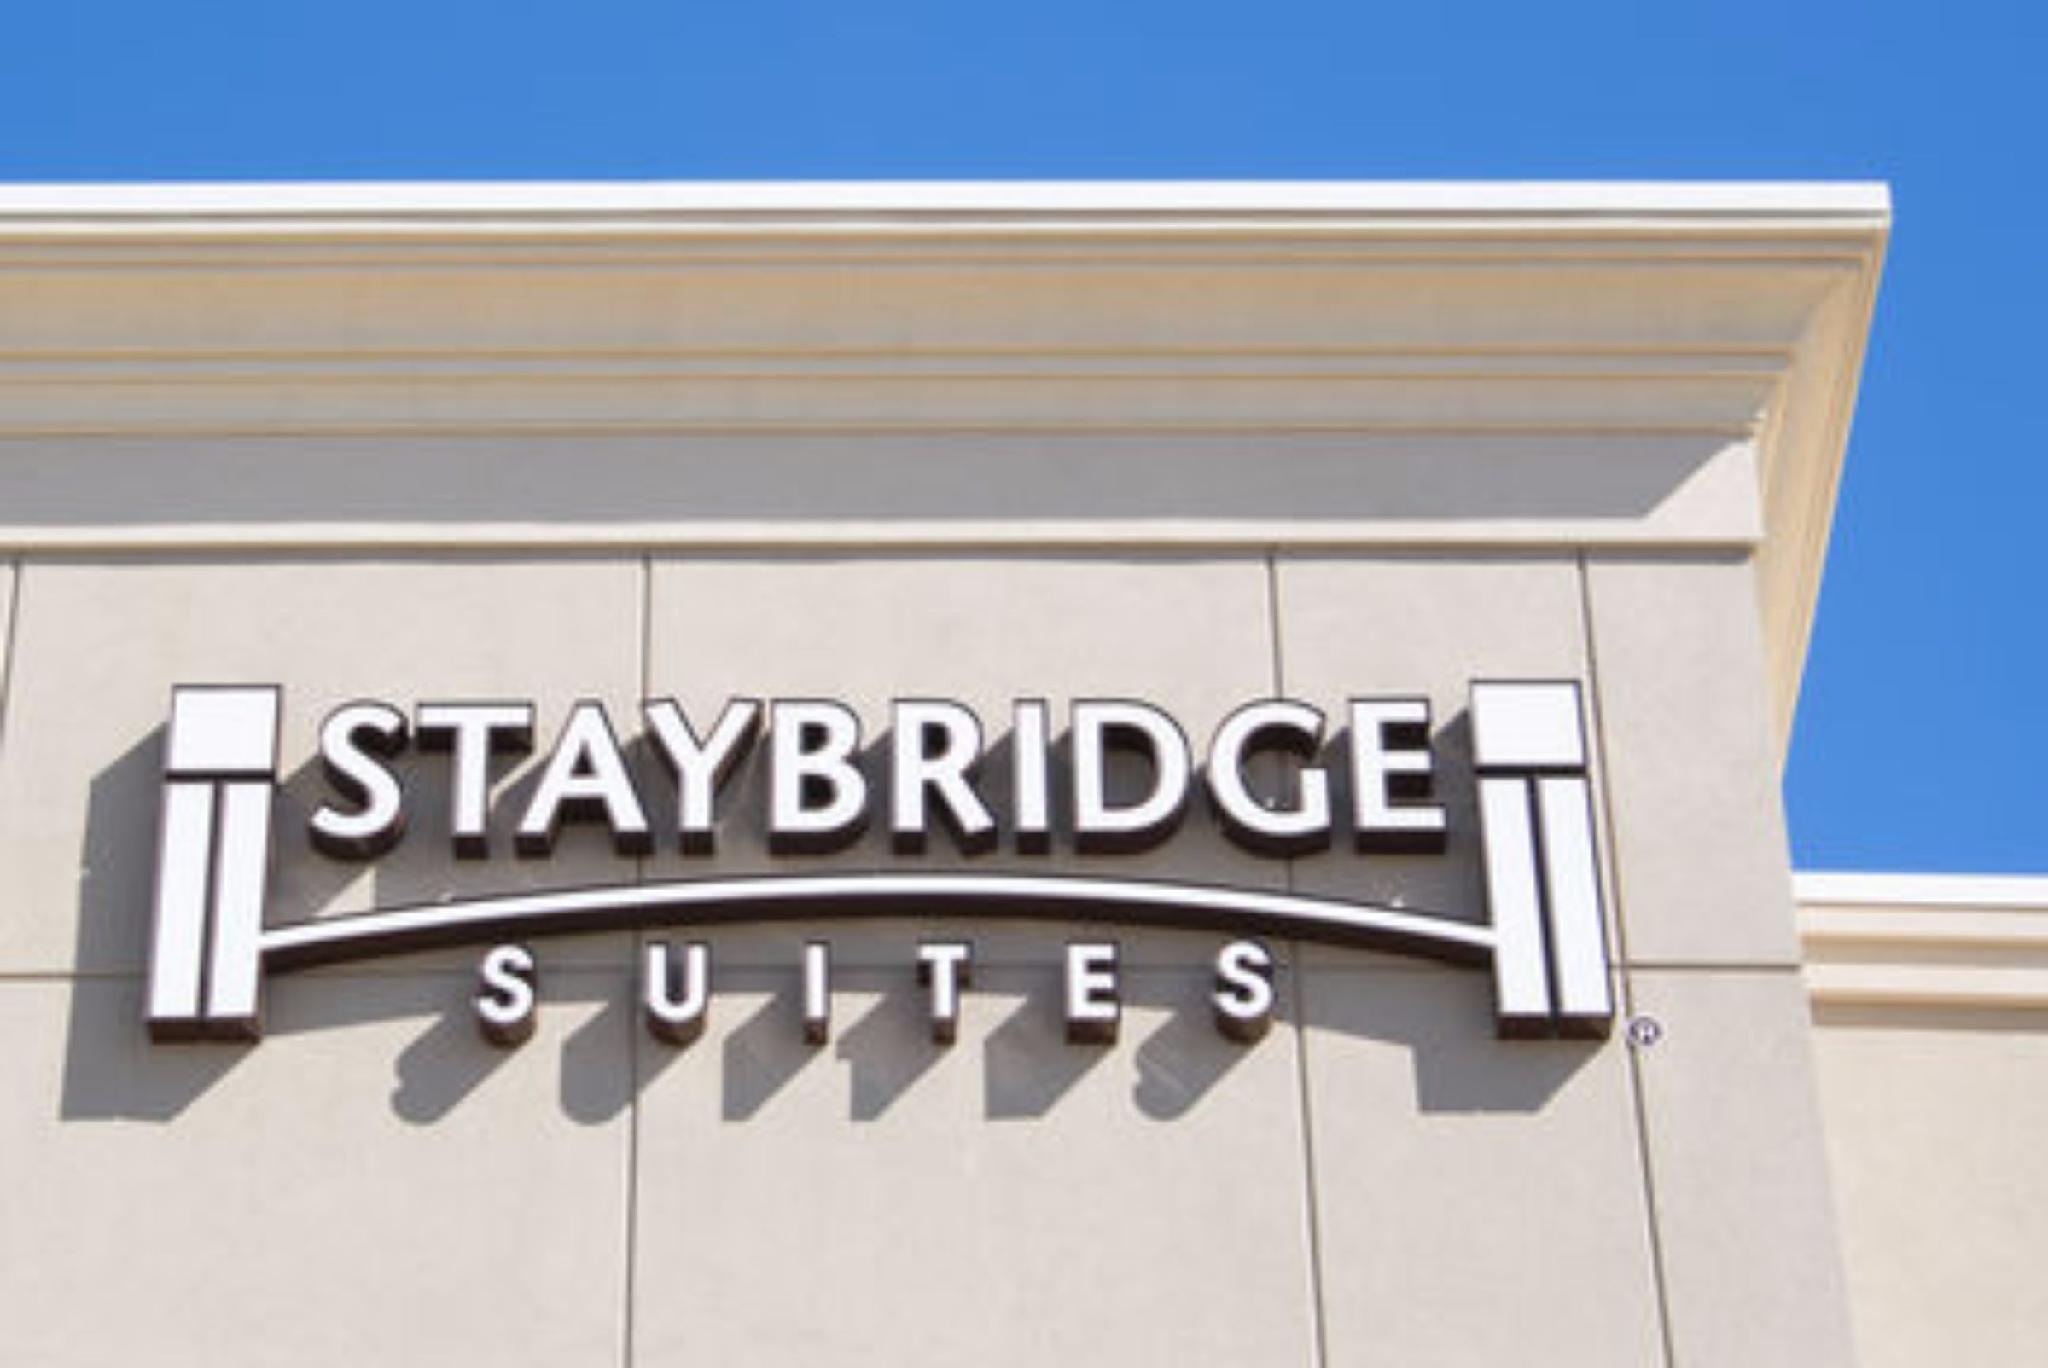 Staybridge Suites San Luis Potosi San Luis Potosi Mexico